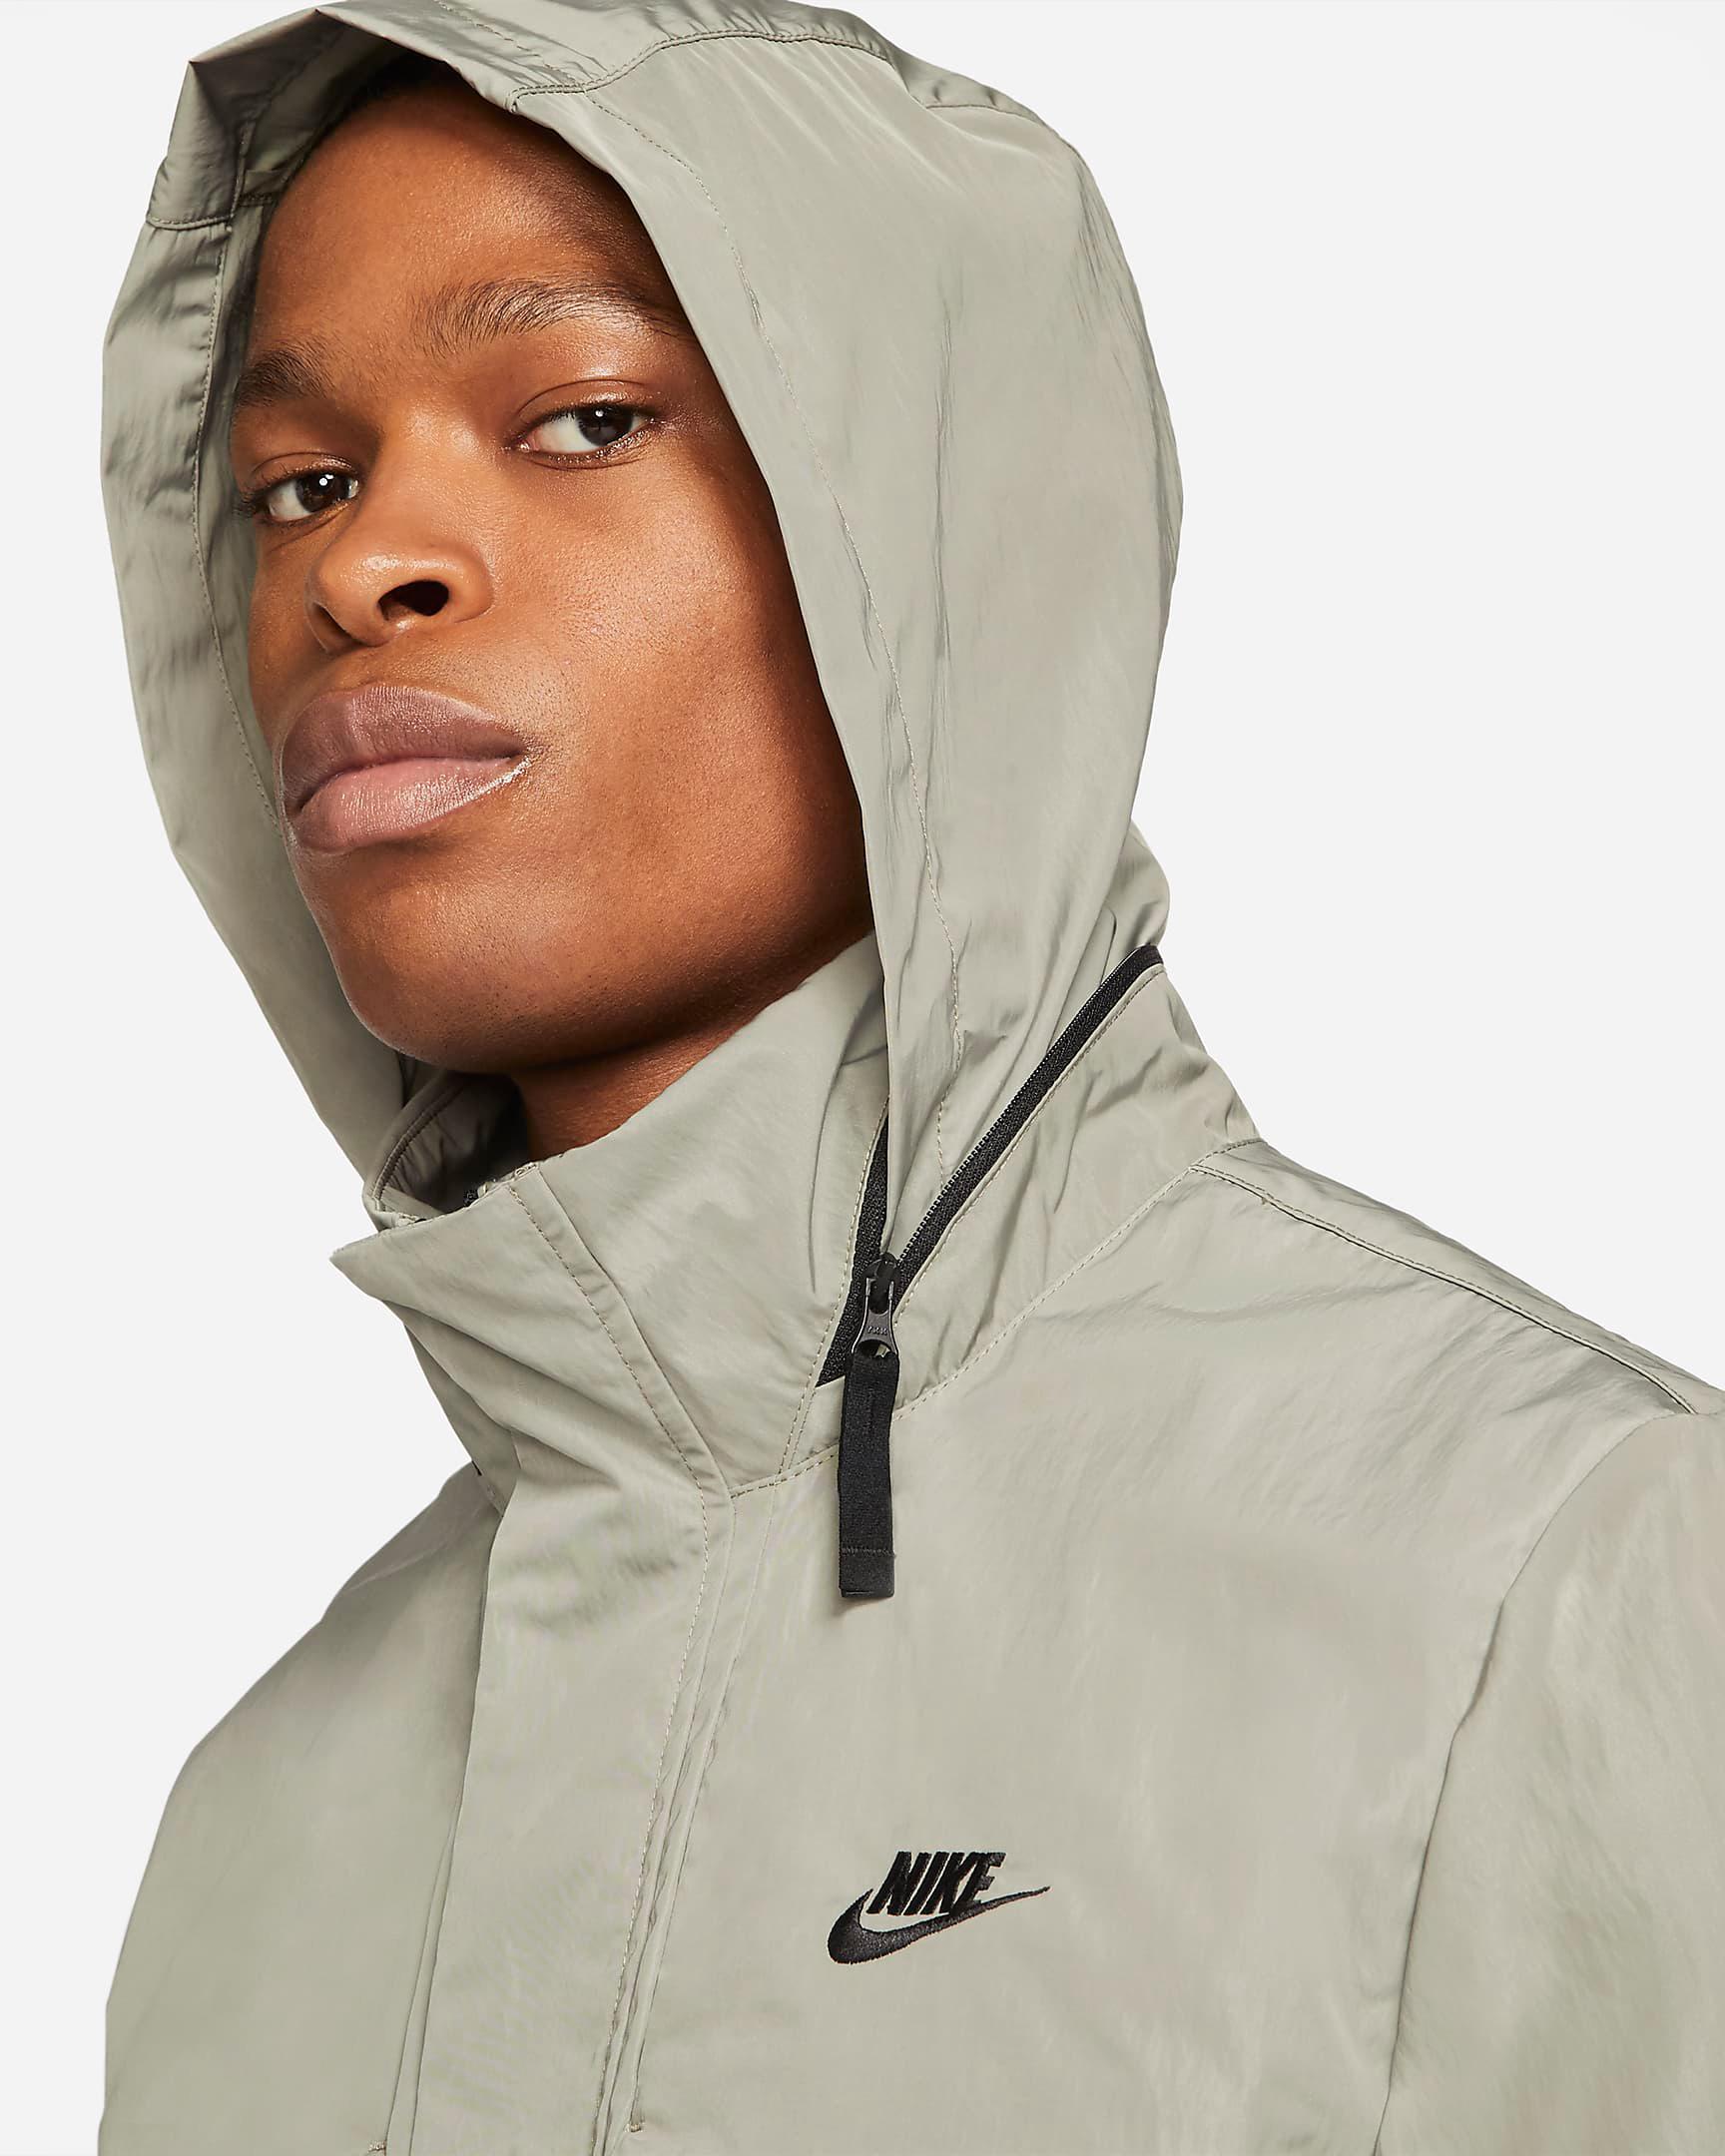 air-jordan-1-high-patina-light-army-jacket-3